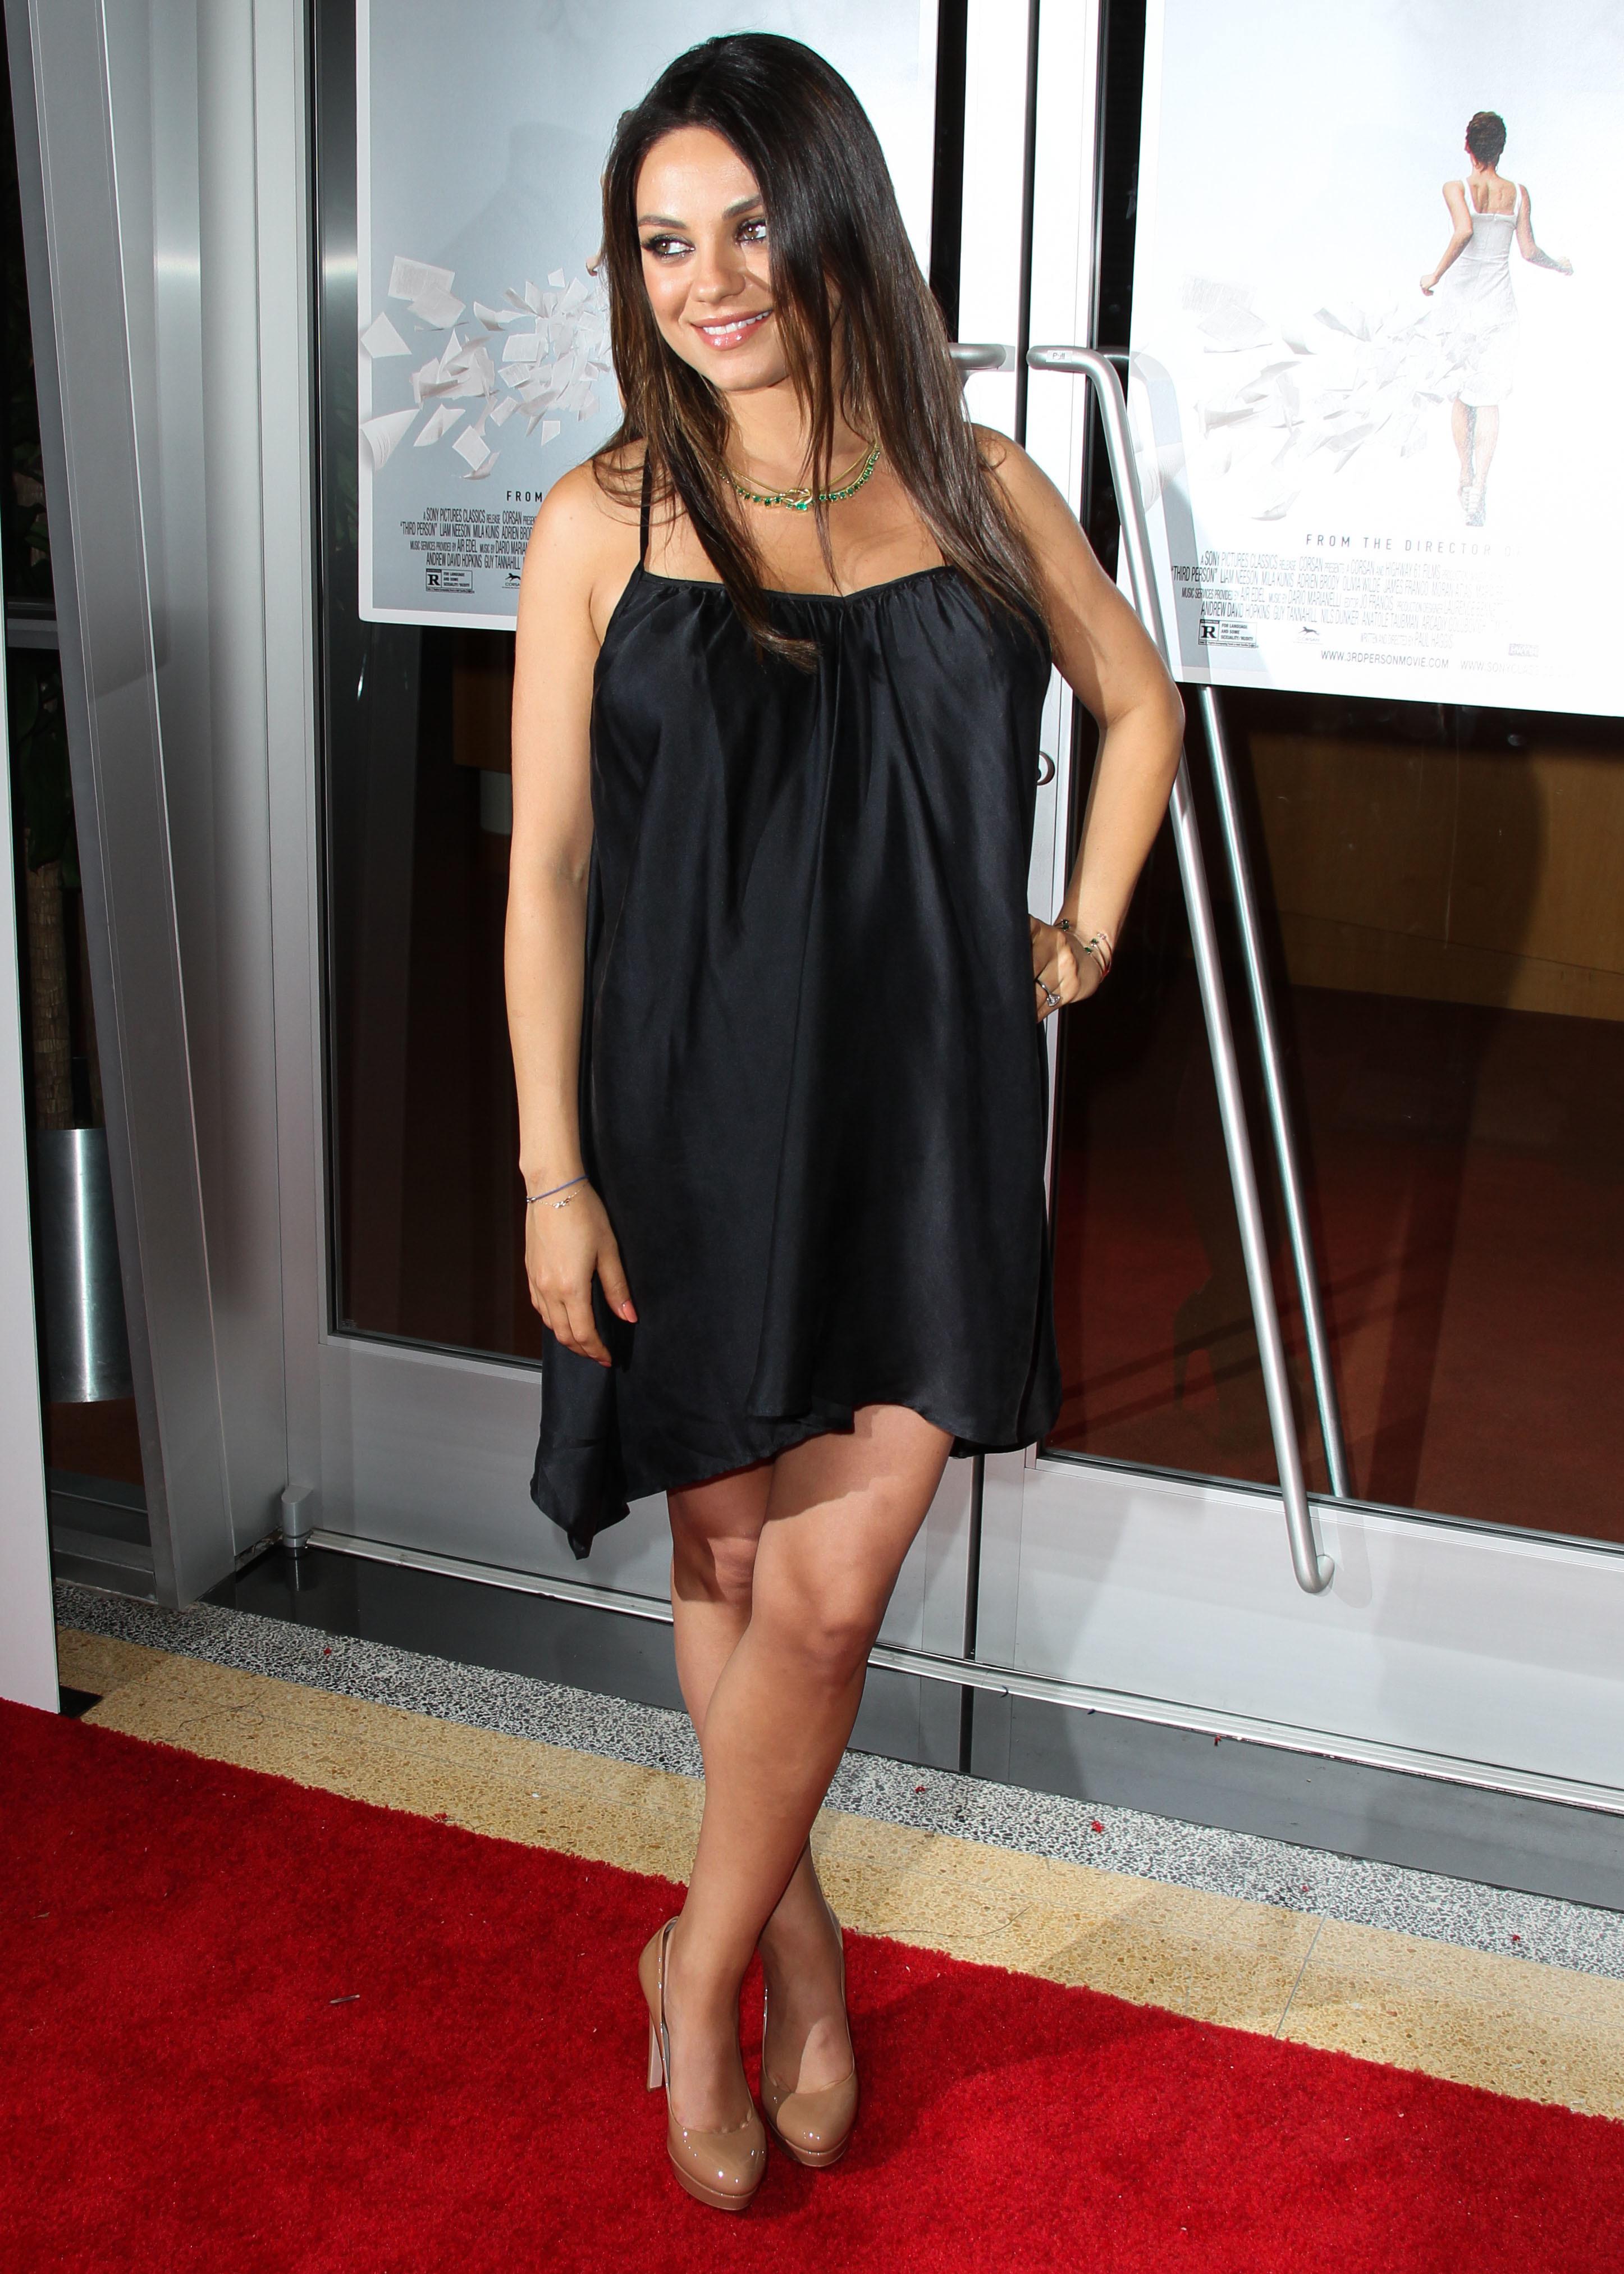 Mila Kunis red carpet bump